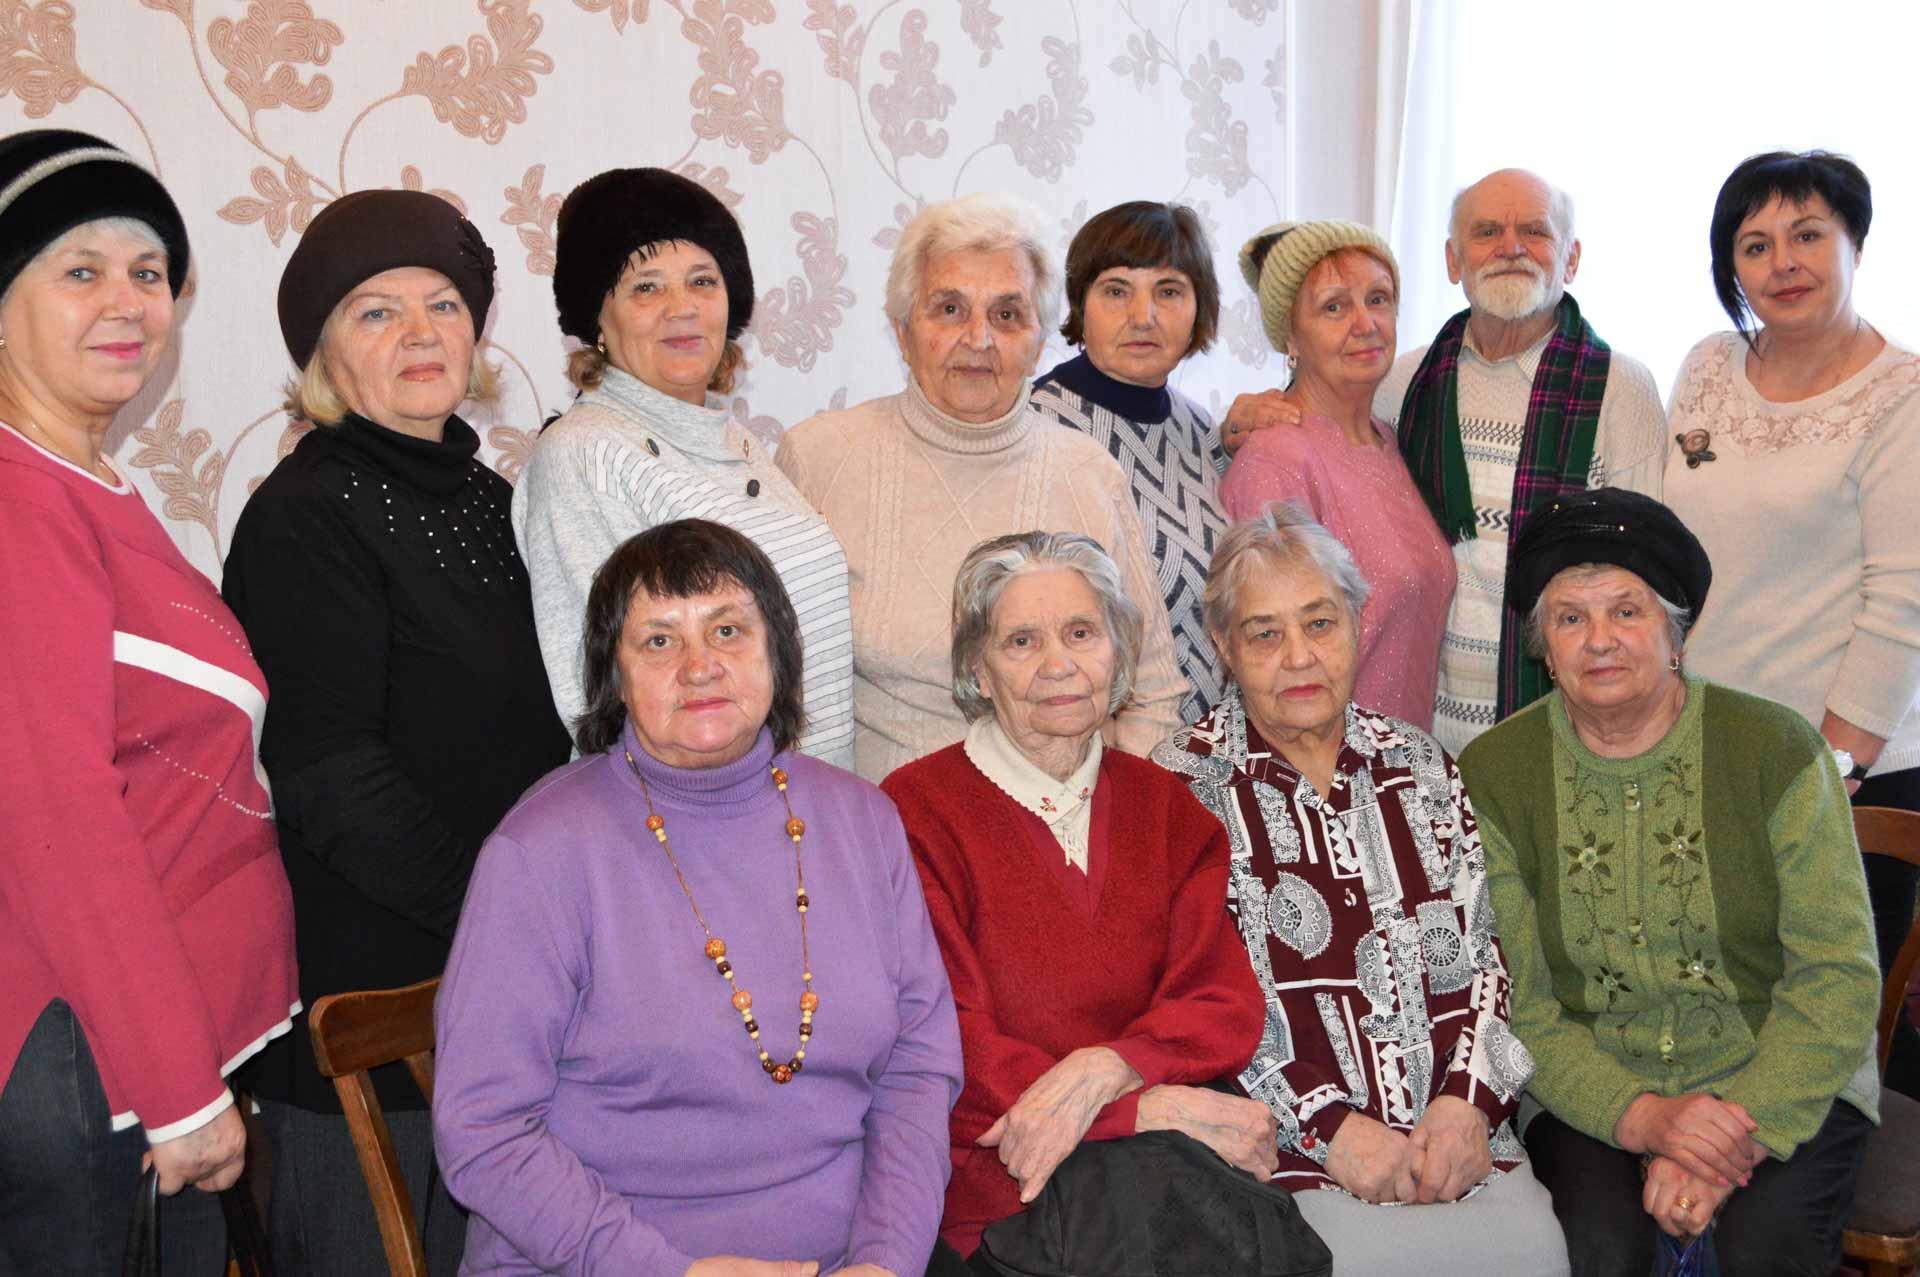 8 січня, в день народження Симоненка, зібралися на чергове засідання члени літературно-мистецької вітальні «Струни серця» в Центральній міській бібліотеці м. Олександрія.